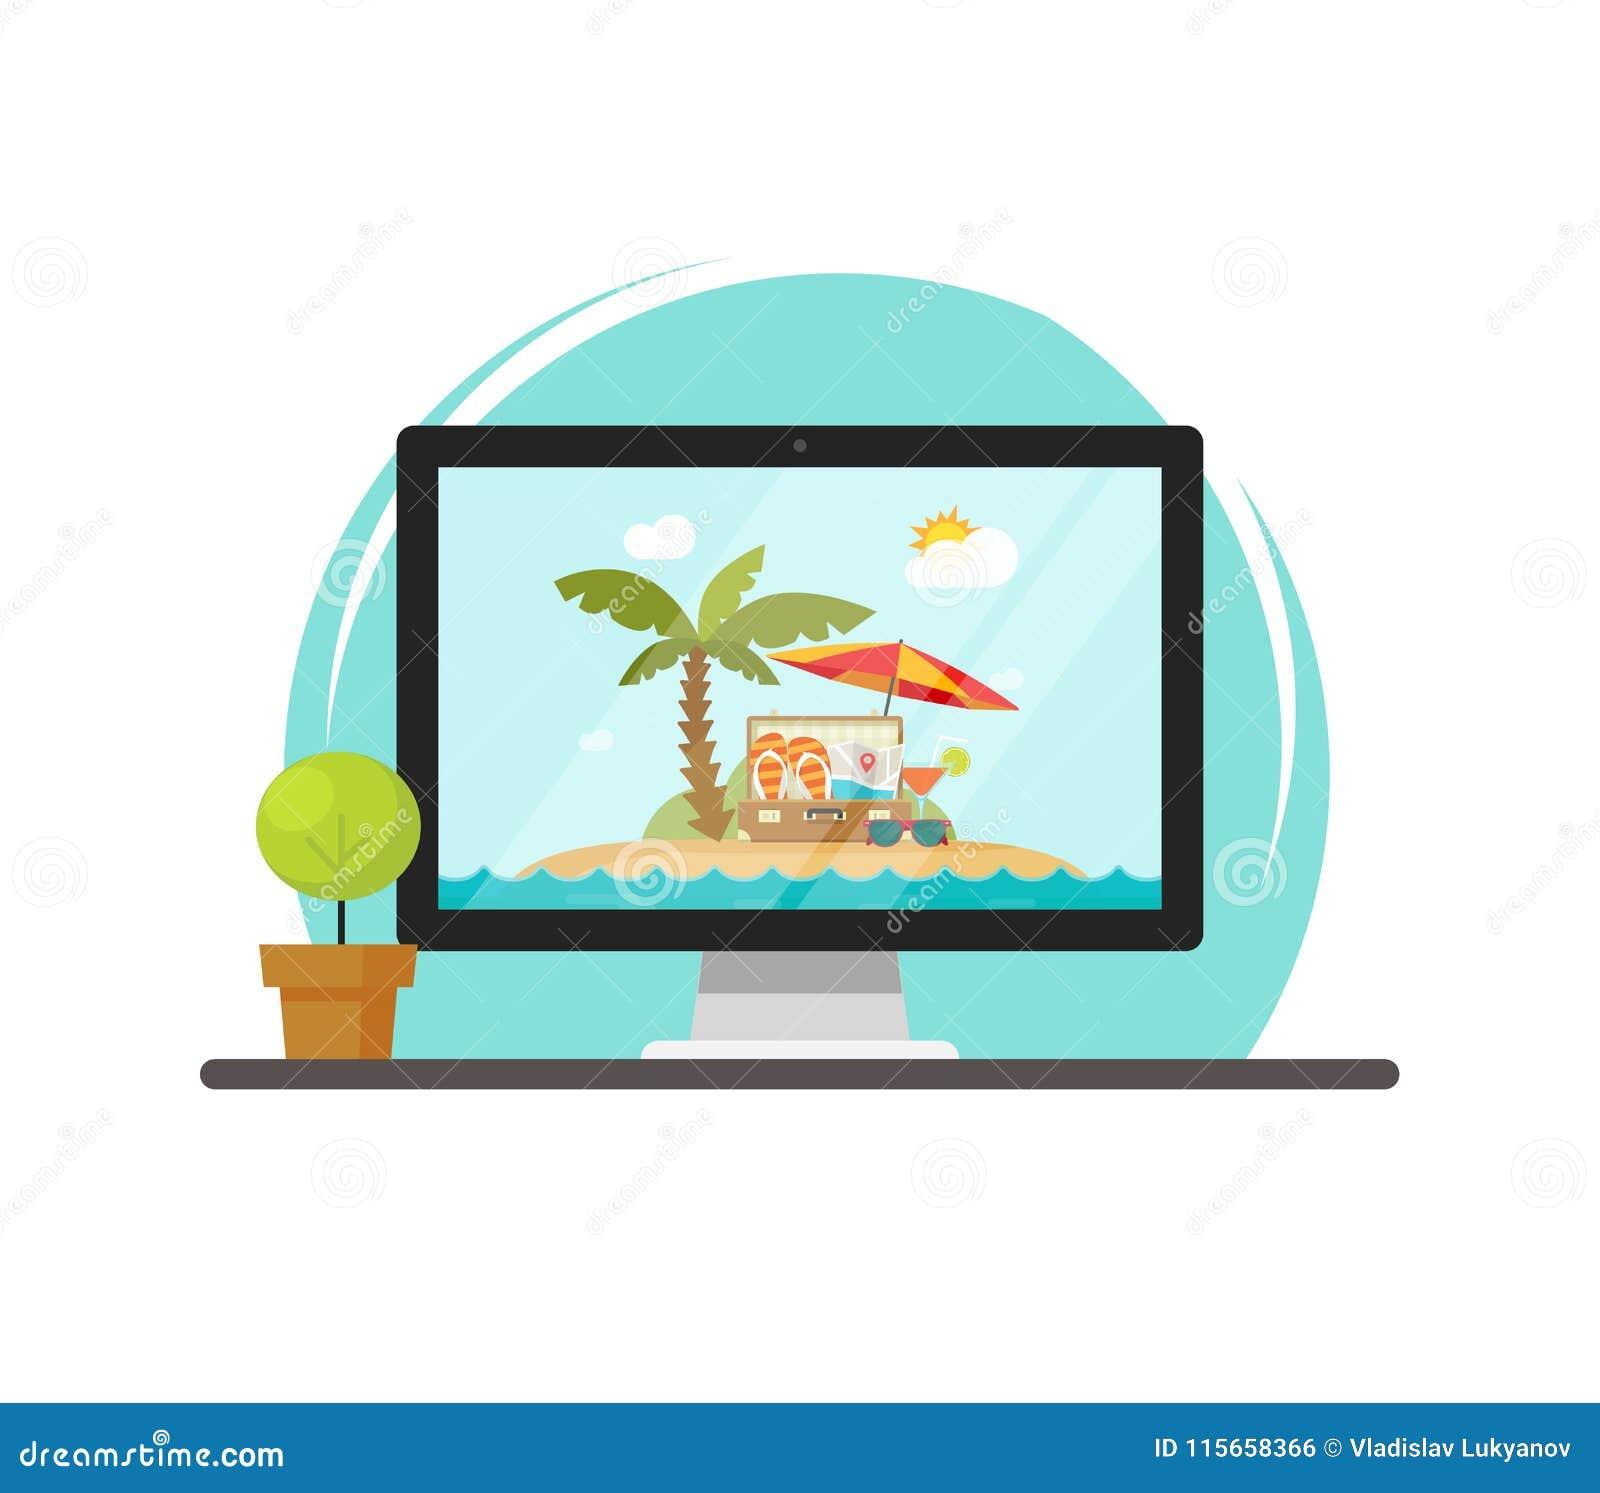 Viaje en línea vía el ejemplo del vector del ordenador, concepto de viaje en línea y reservación del viaje vía la PC, historieta